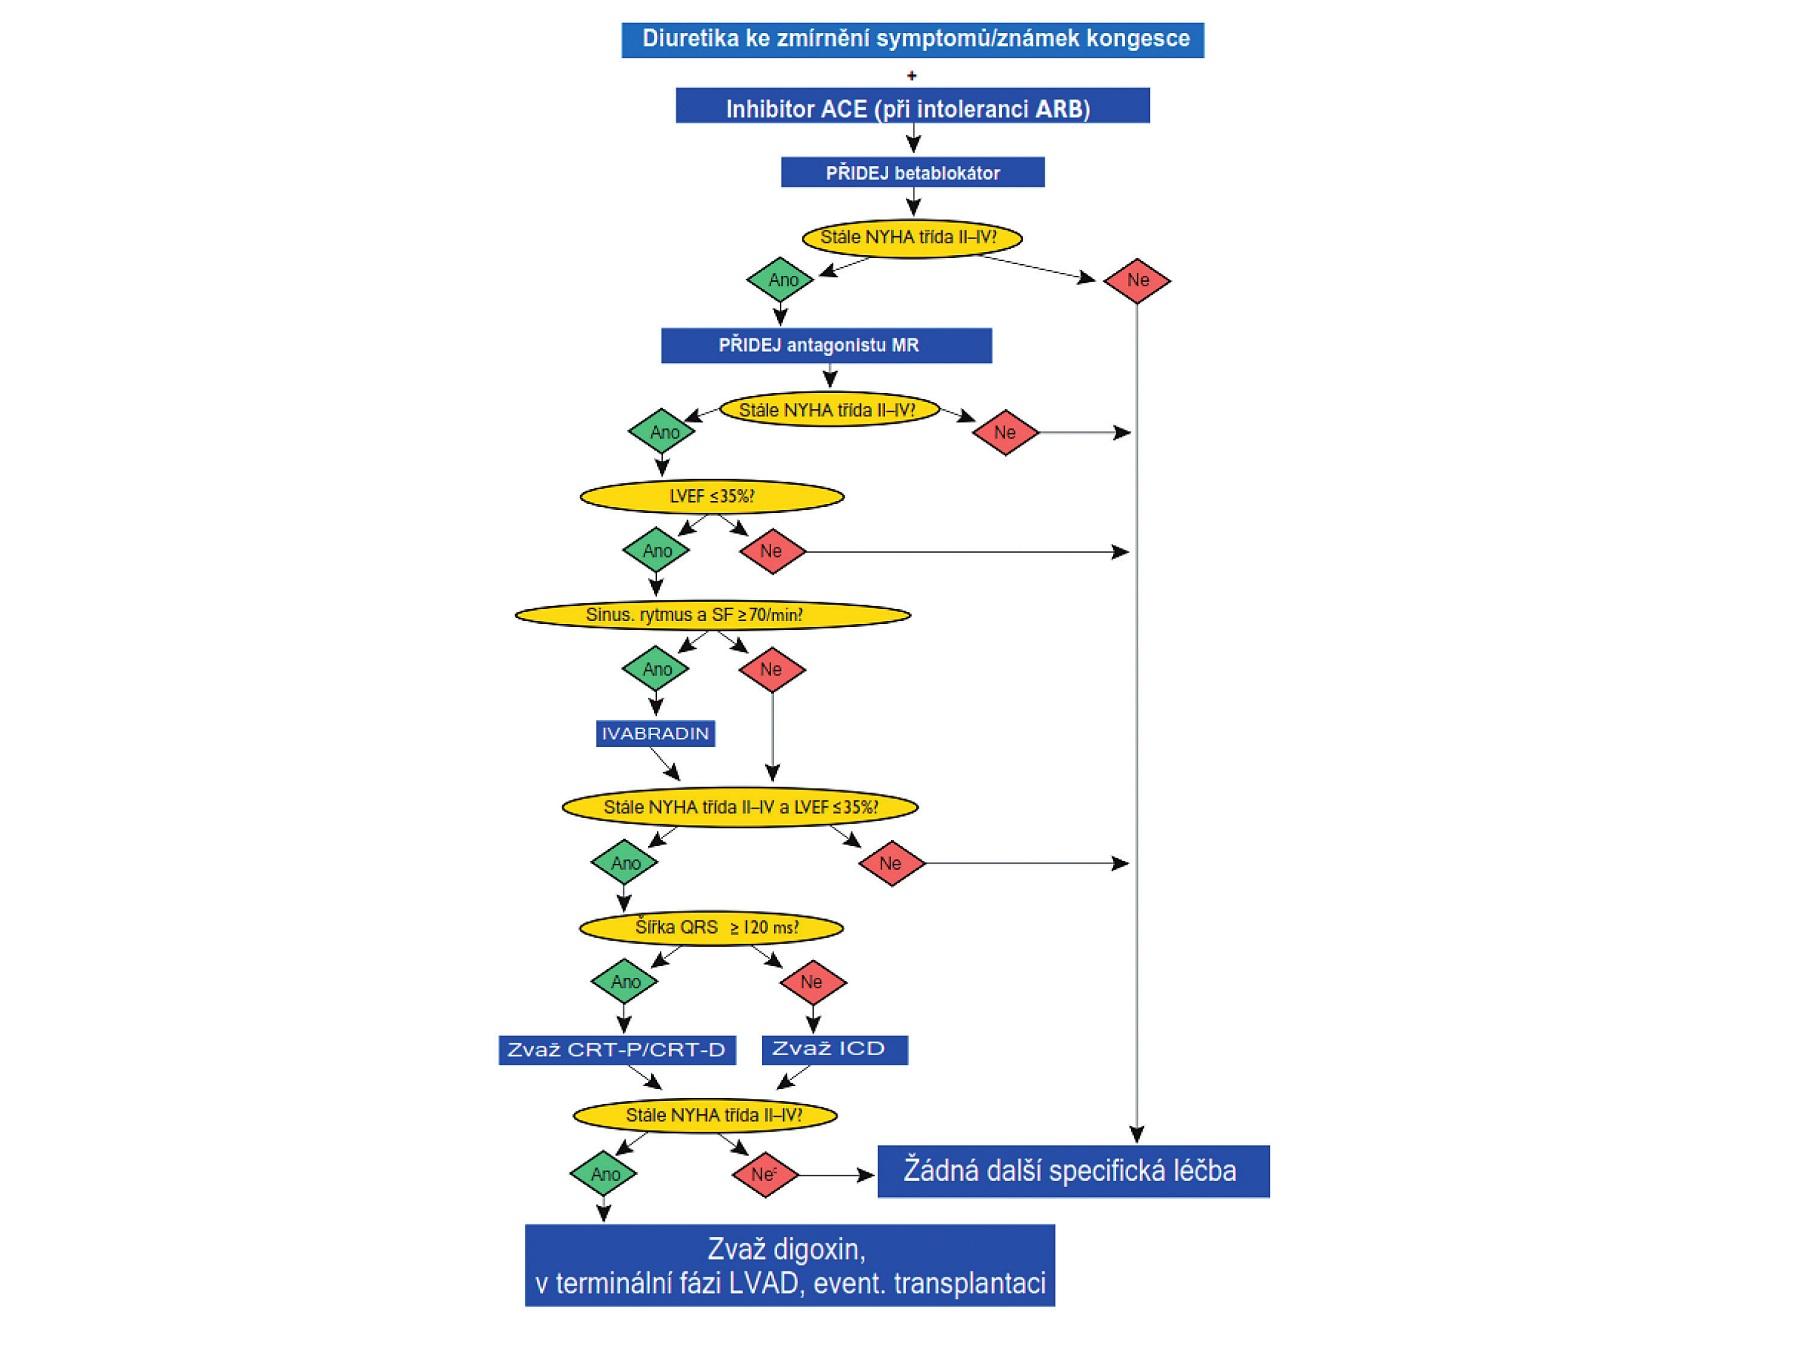 Algoritmus léčby nemocných s chronickým srdečním selháním se sníženou ejekční frakcí (1, 2) ACE – angiotenzin-konvertující enzym, ARB – blokátor receptorů pro angiotenzin II, CRT-D – kombinace srdeční resynchronizační léčby s defibrilátorem, CRT-P – kombinace srdeční resynchronizační léčby s kardiostimulátorem, ICD – implantabilní kardioverter-defibrilátor, LVAD – přístroj k levokomorové podpoře, LVEF – ejekční frakce levé komory, MR – mineralokortikoidní receptor, NYHA – New York Heart Association, SF – srdeční frekvence